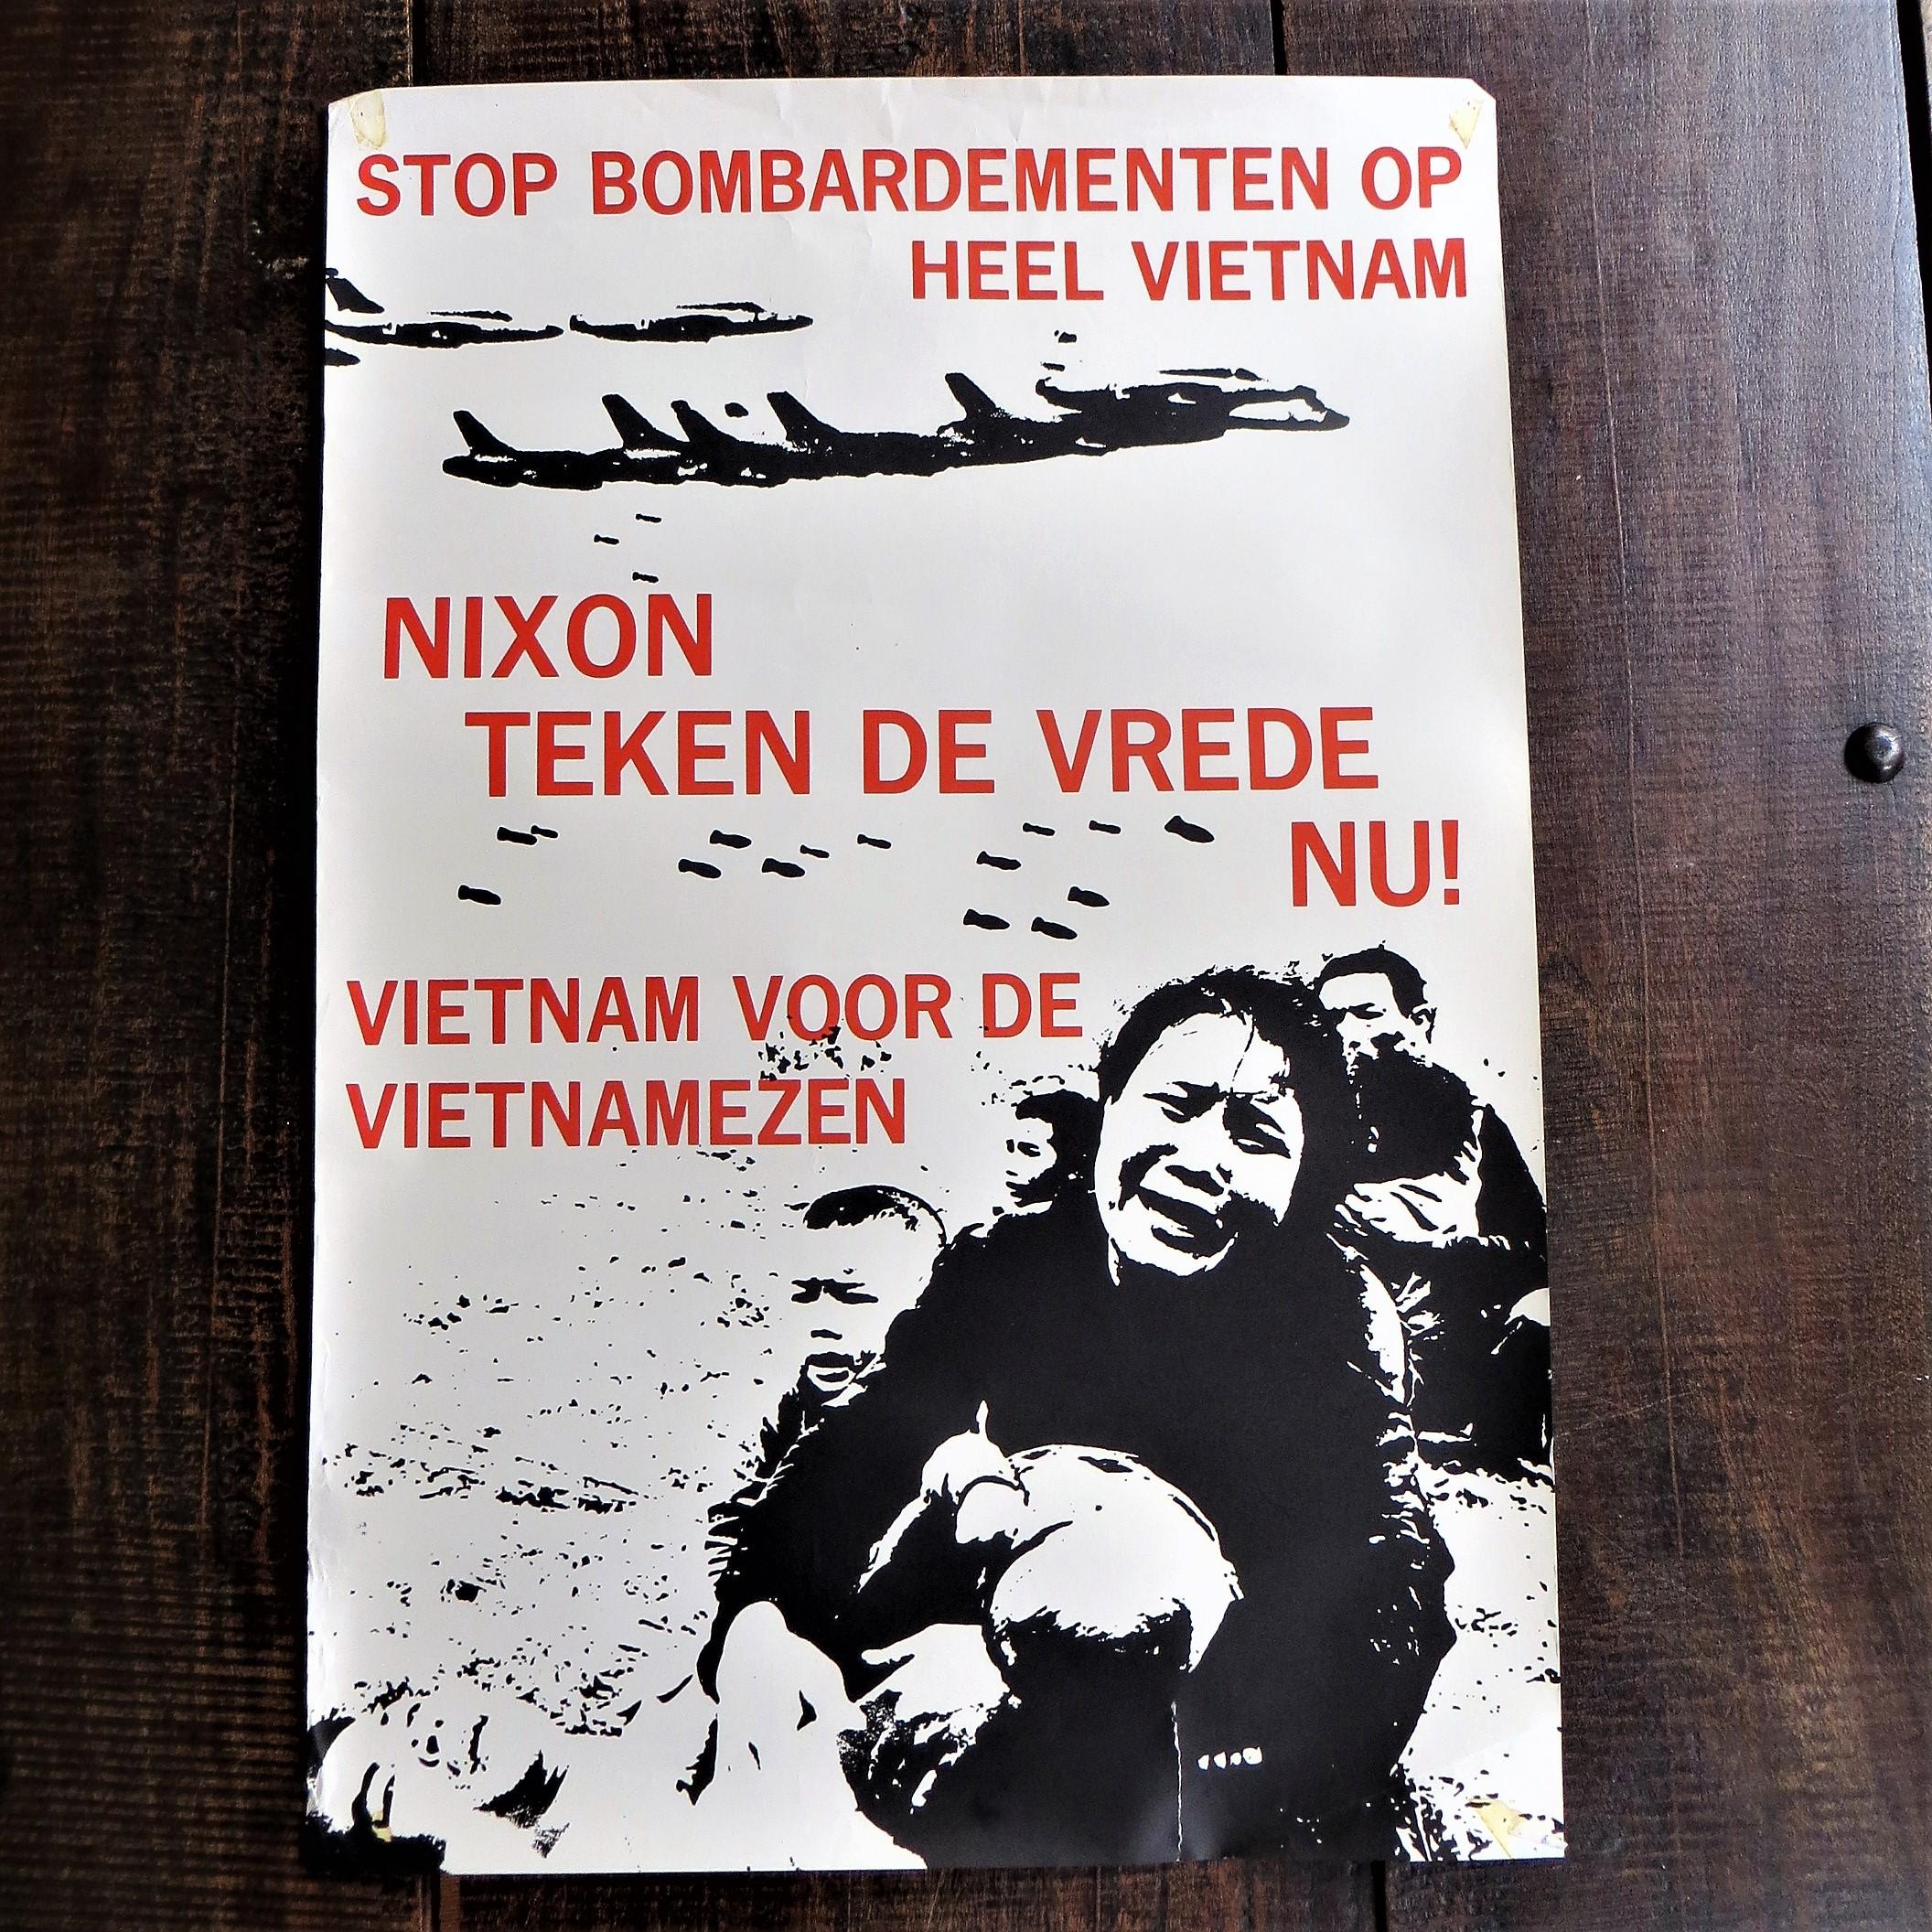 poster-stop-bombardementen-op-heel-vietnam-1